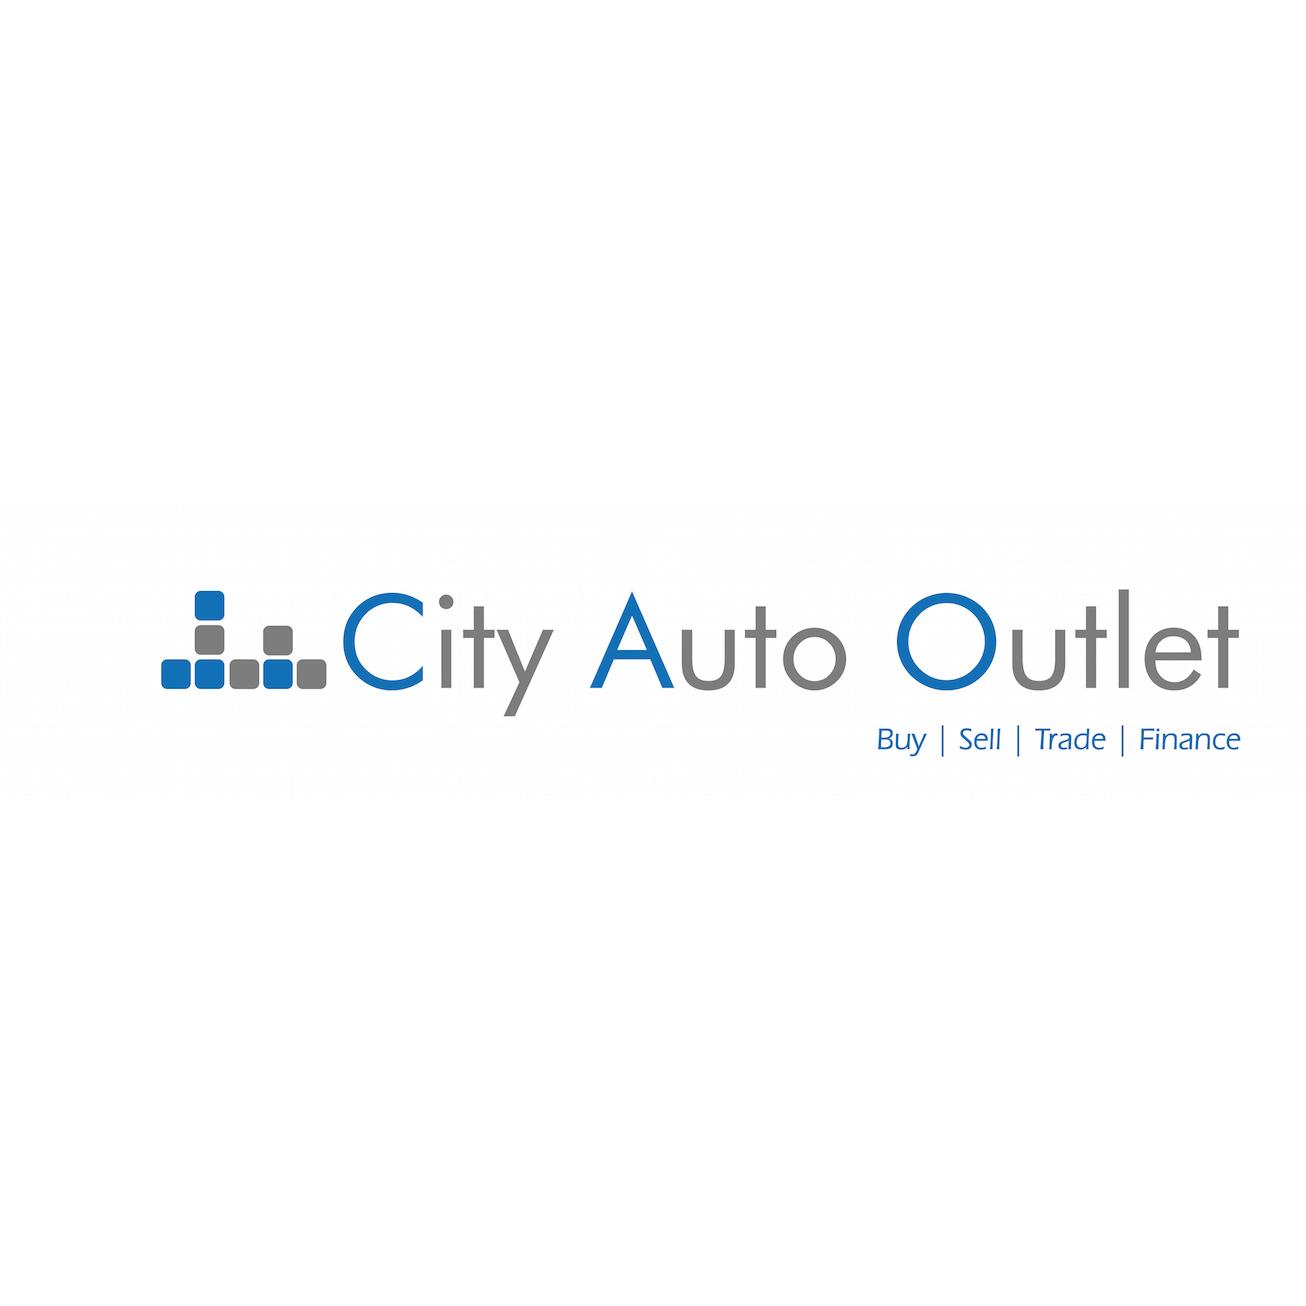 City Auto Outlet